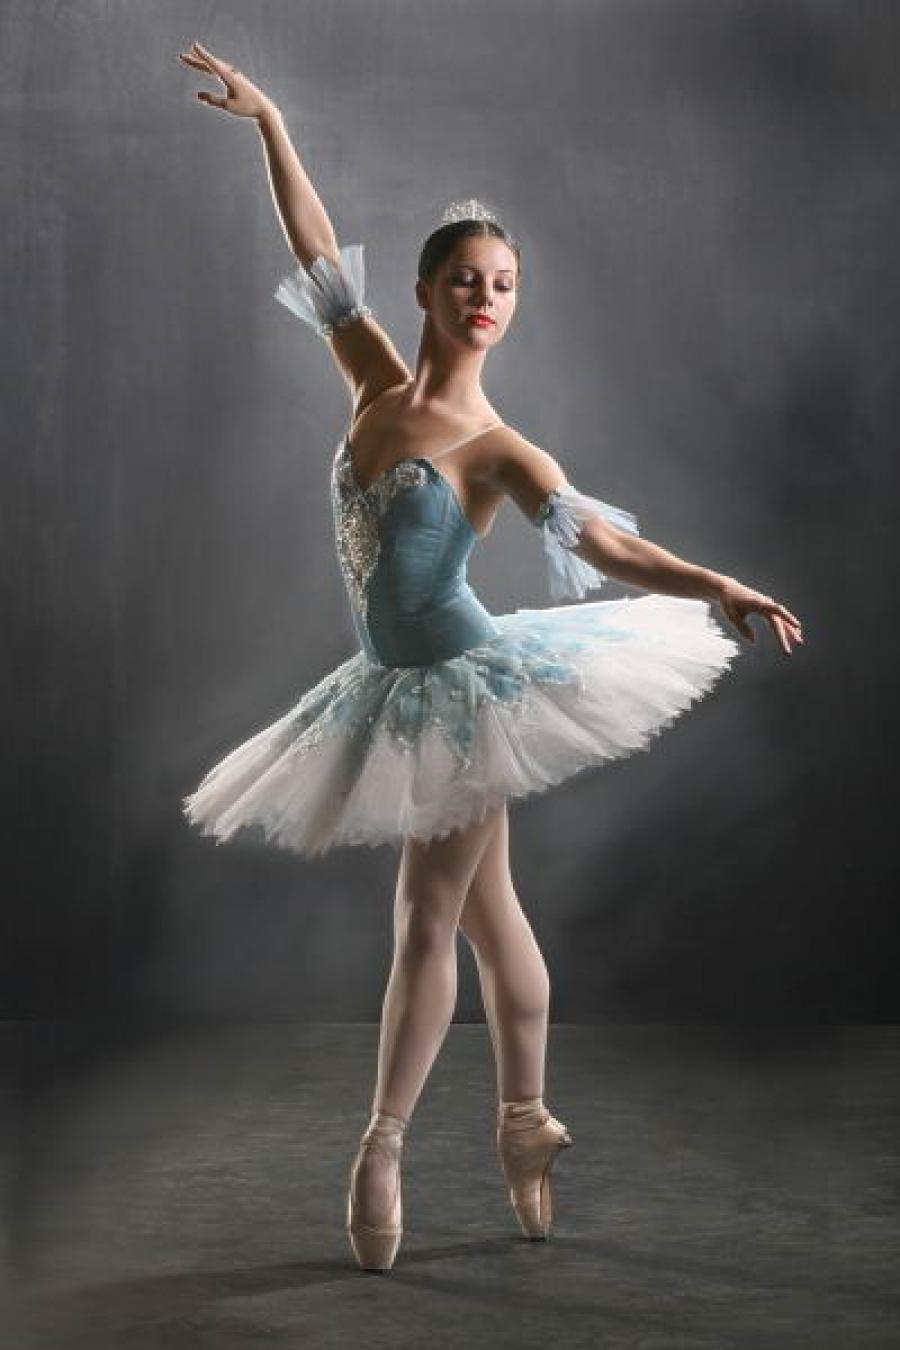 Фото известных мужчин балерин 26 фотография